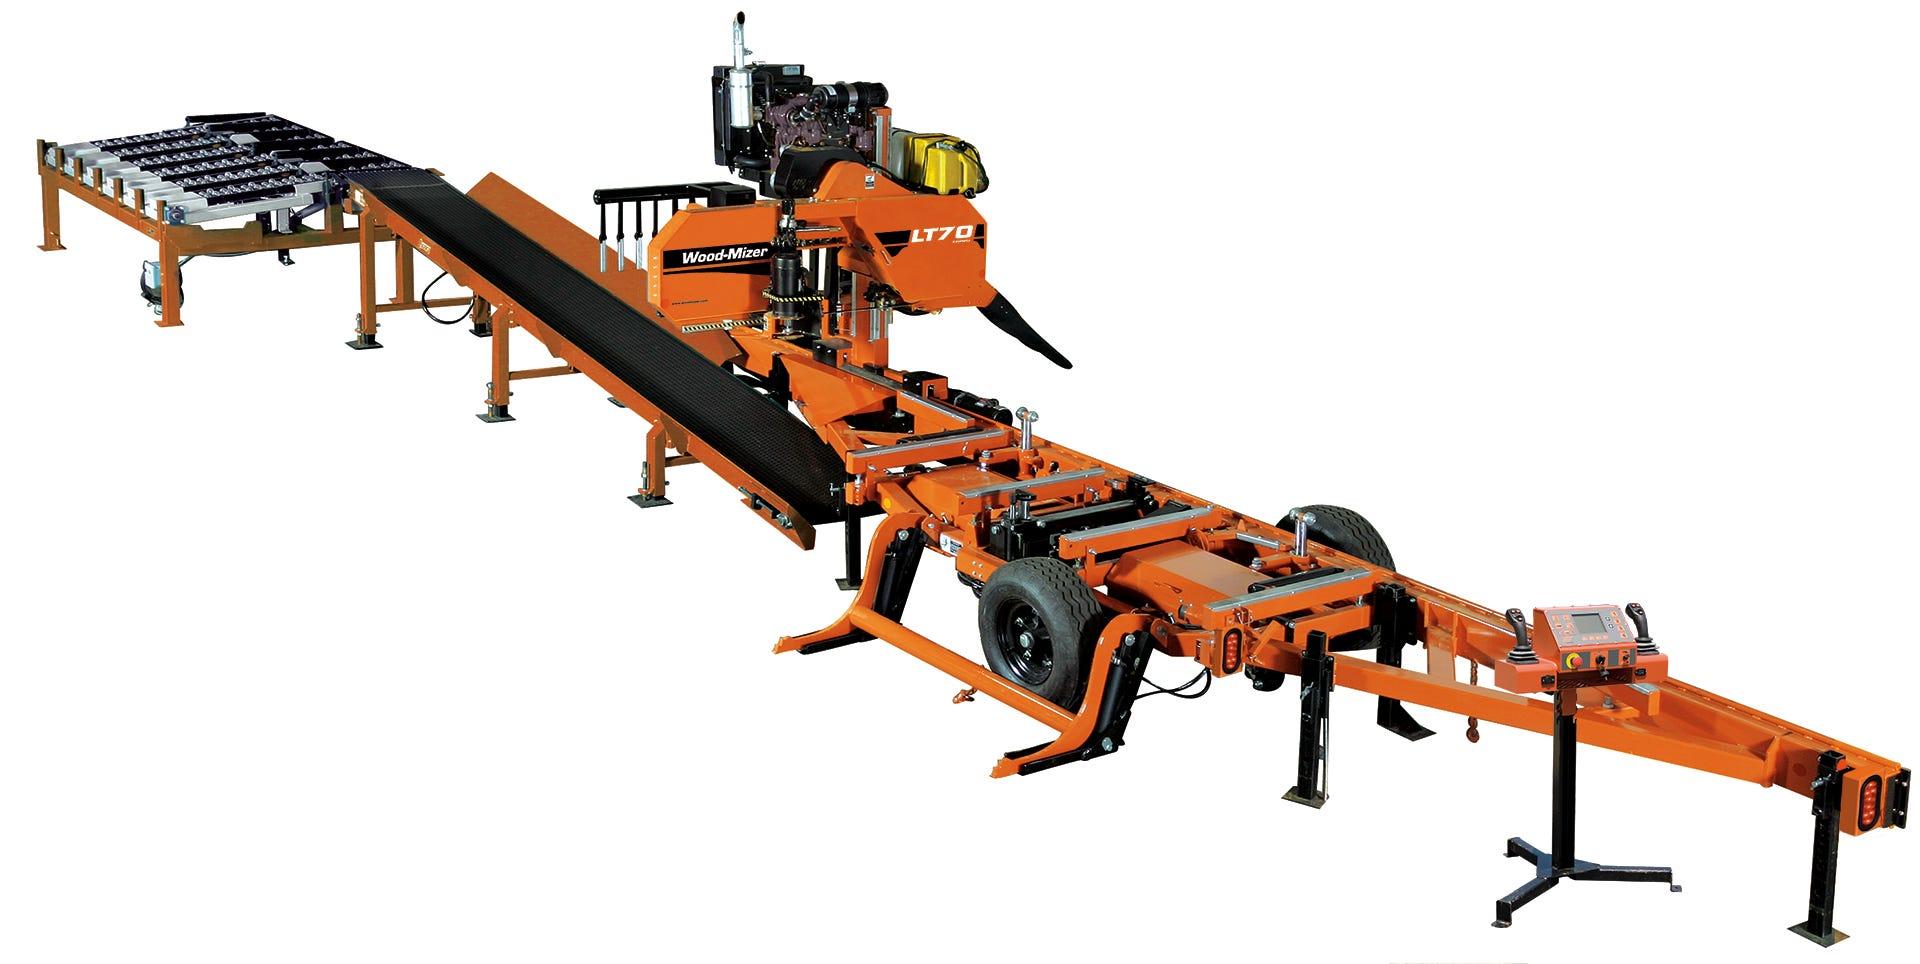 Wood-Mizer LT70 Remote Sawmill System